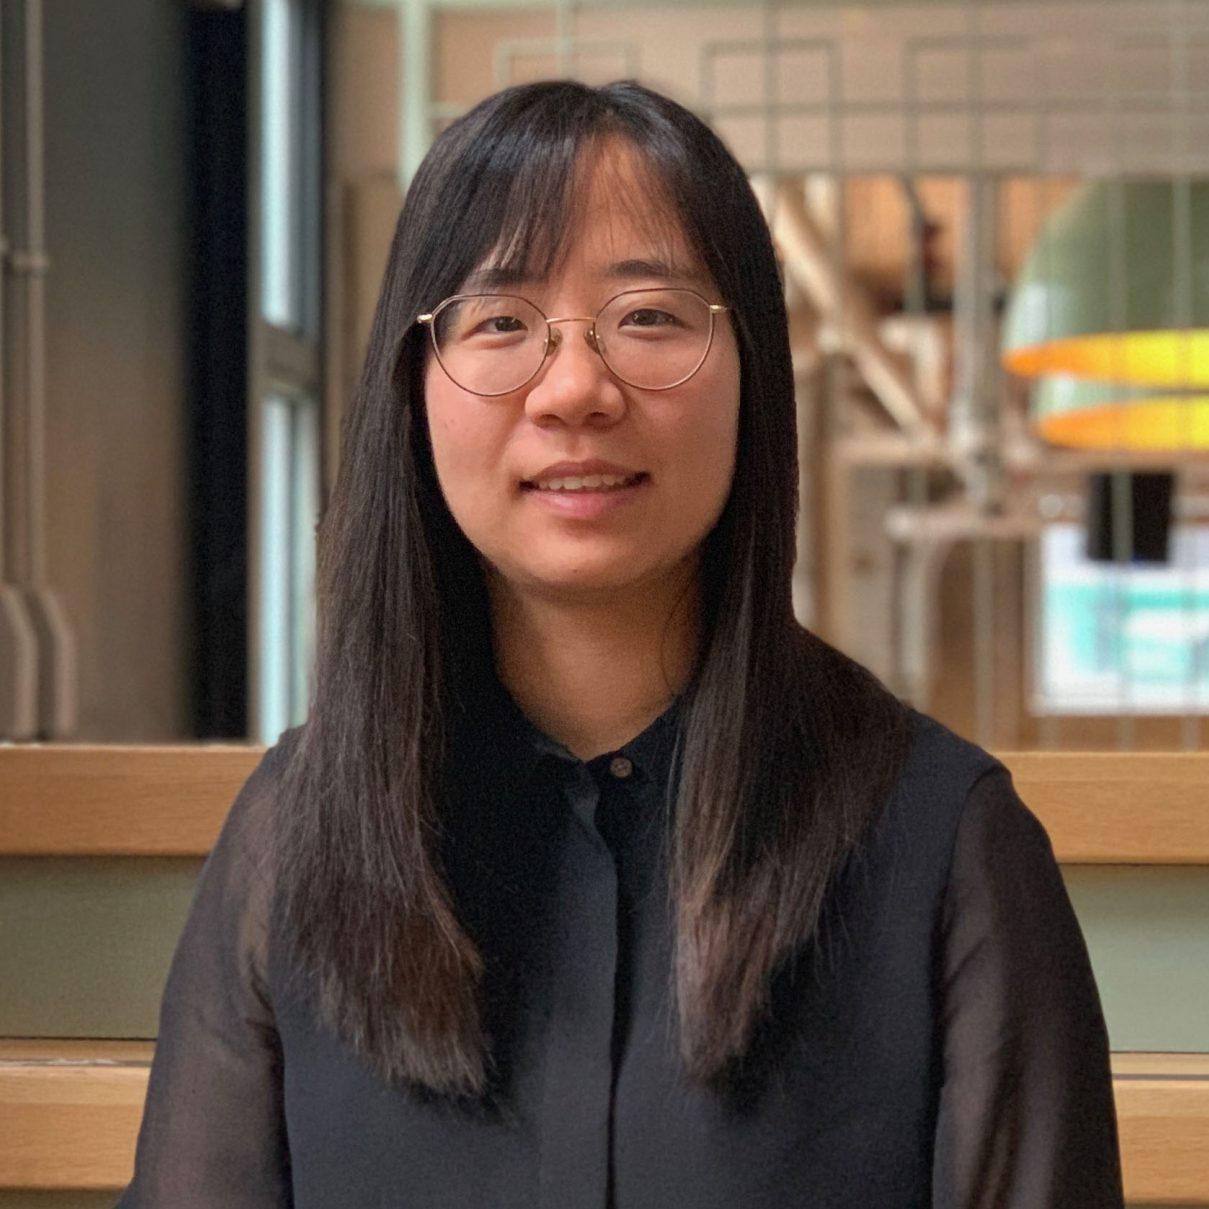 Wendy Ma